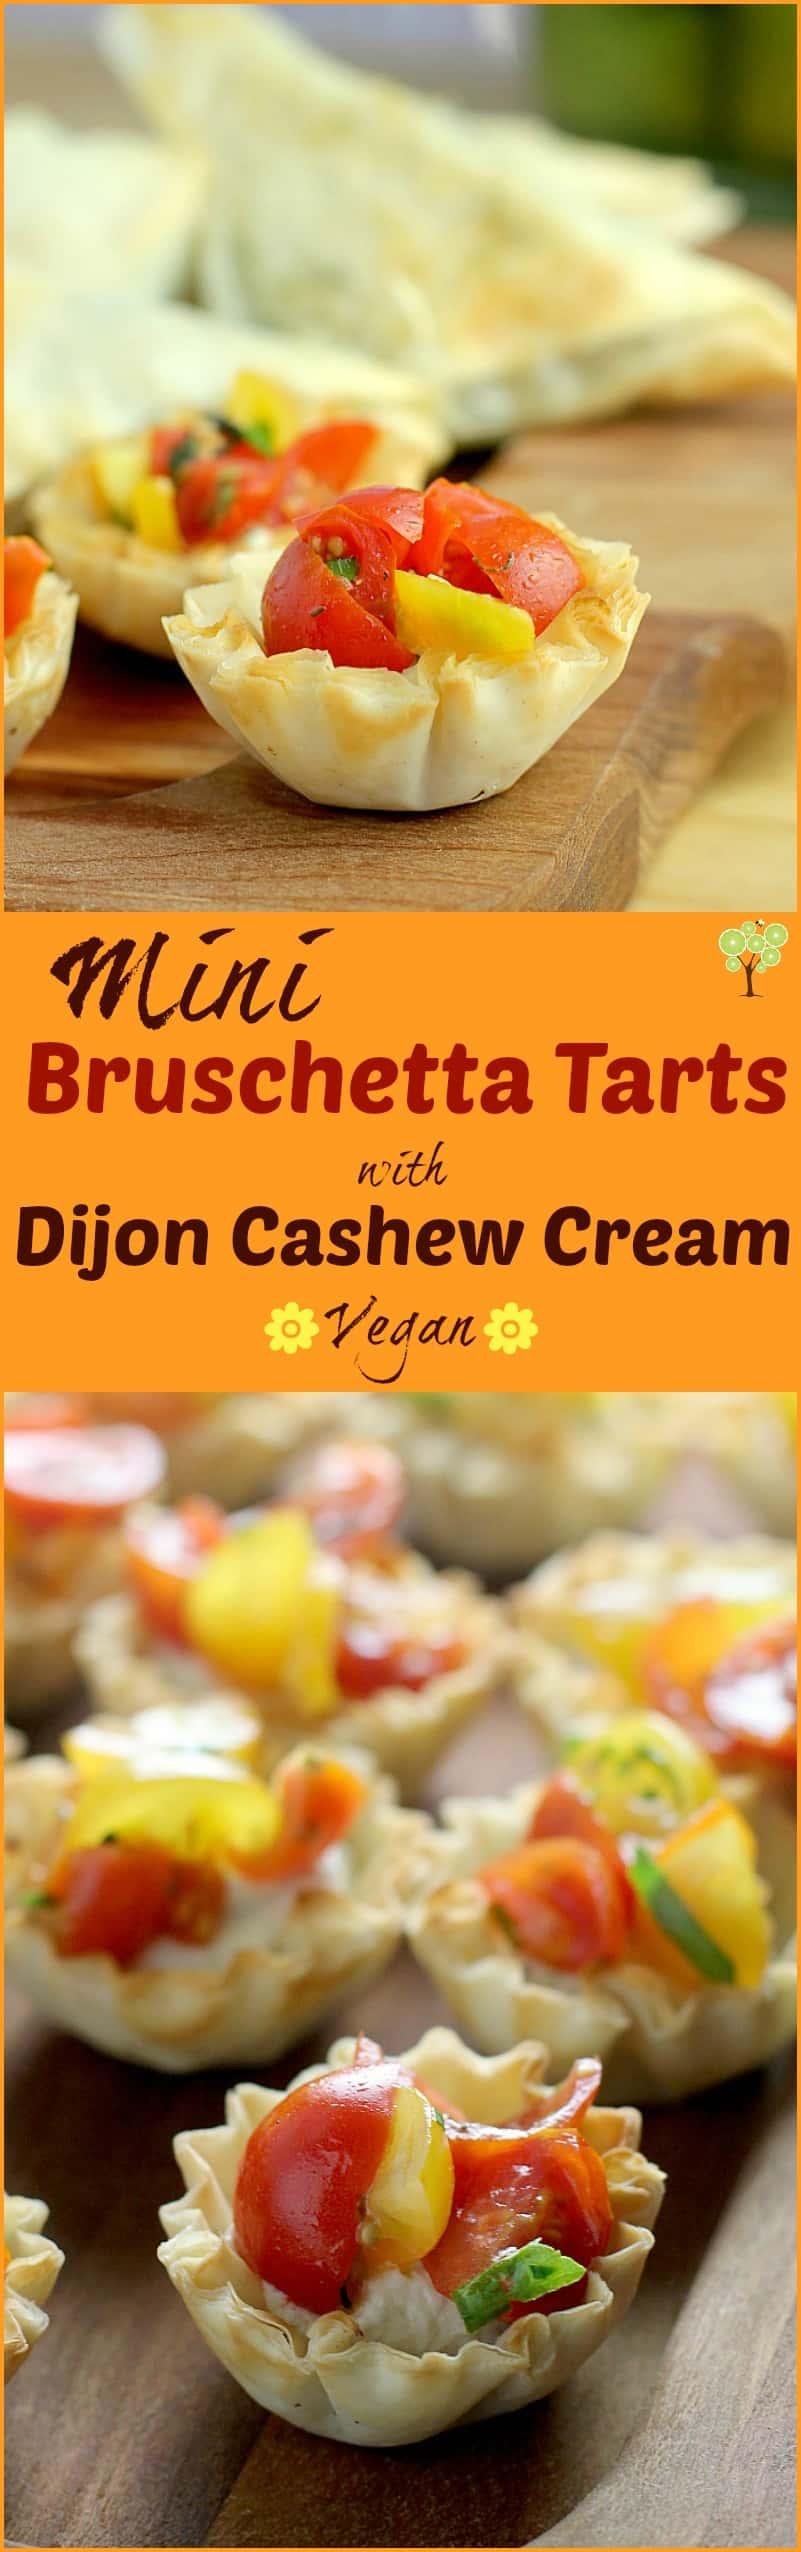 Mini Bruschetta Tarts with Dijon Cashew Cream http://wp.me/p4qC4h-3yQ